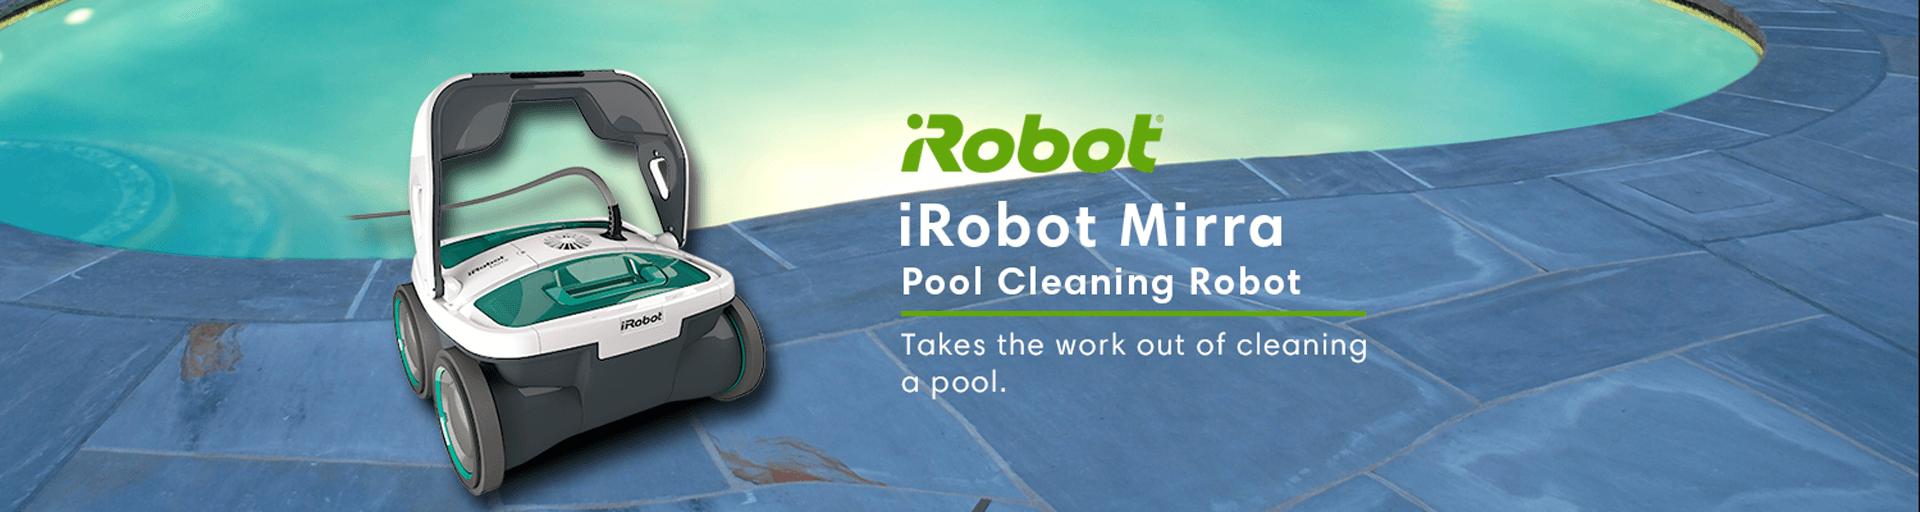 iRobot Mirra 530 - Pool Cleaning Robot